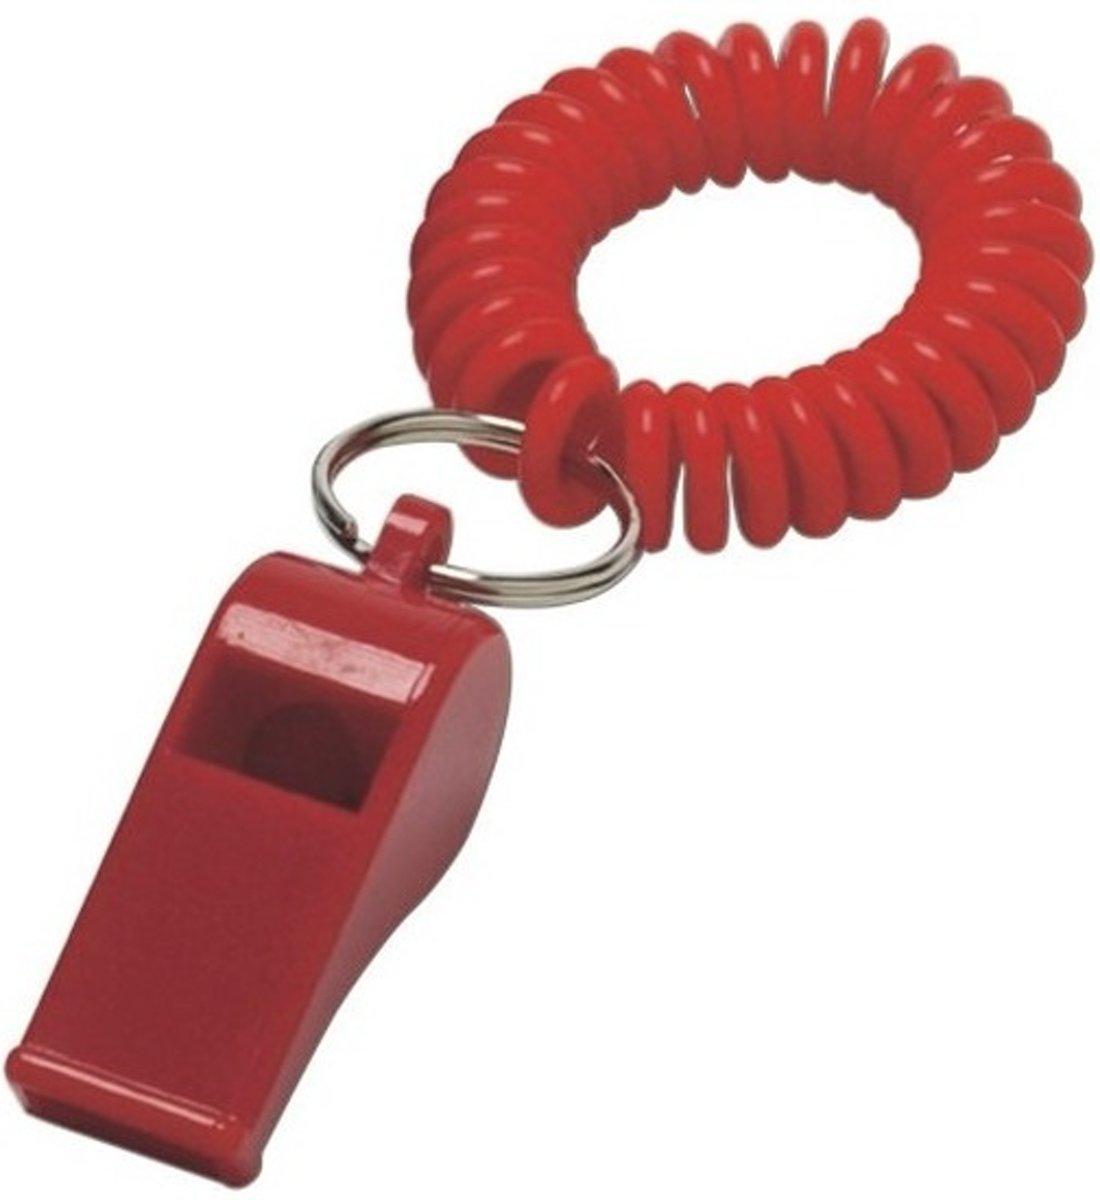 10x Rood fluitje aan polsbandje - Supporters/sportdag artikelen kopen